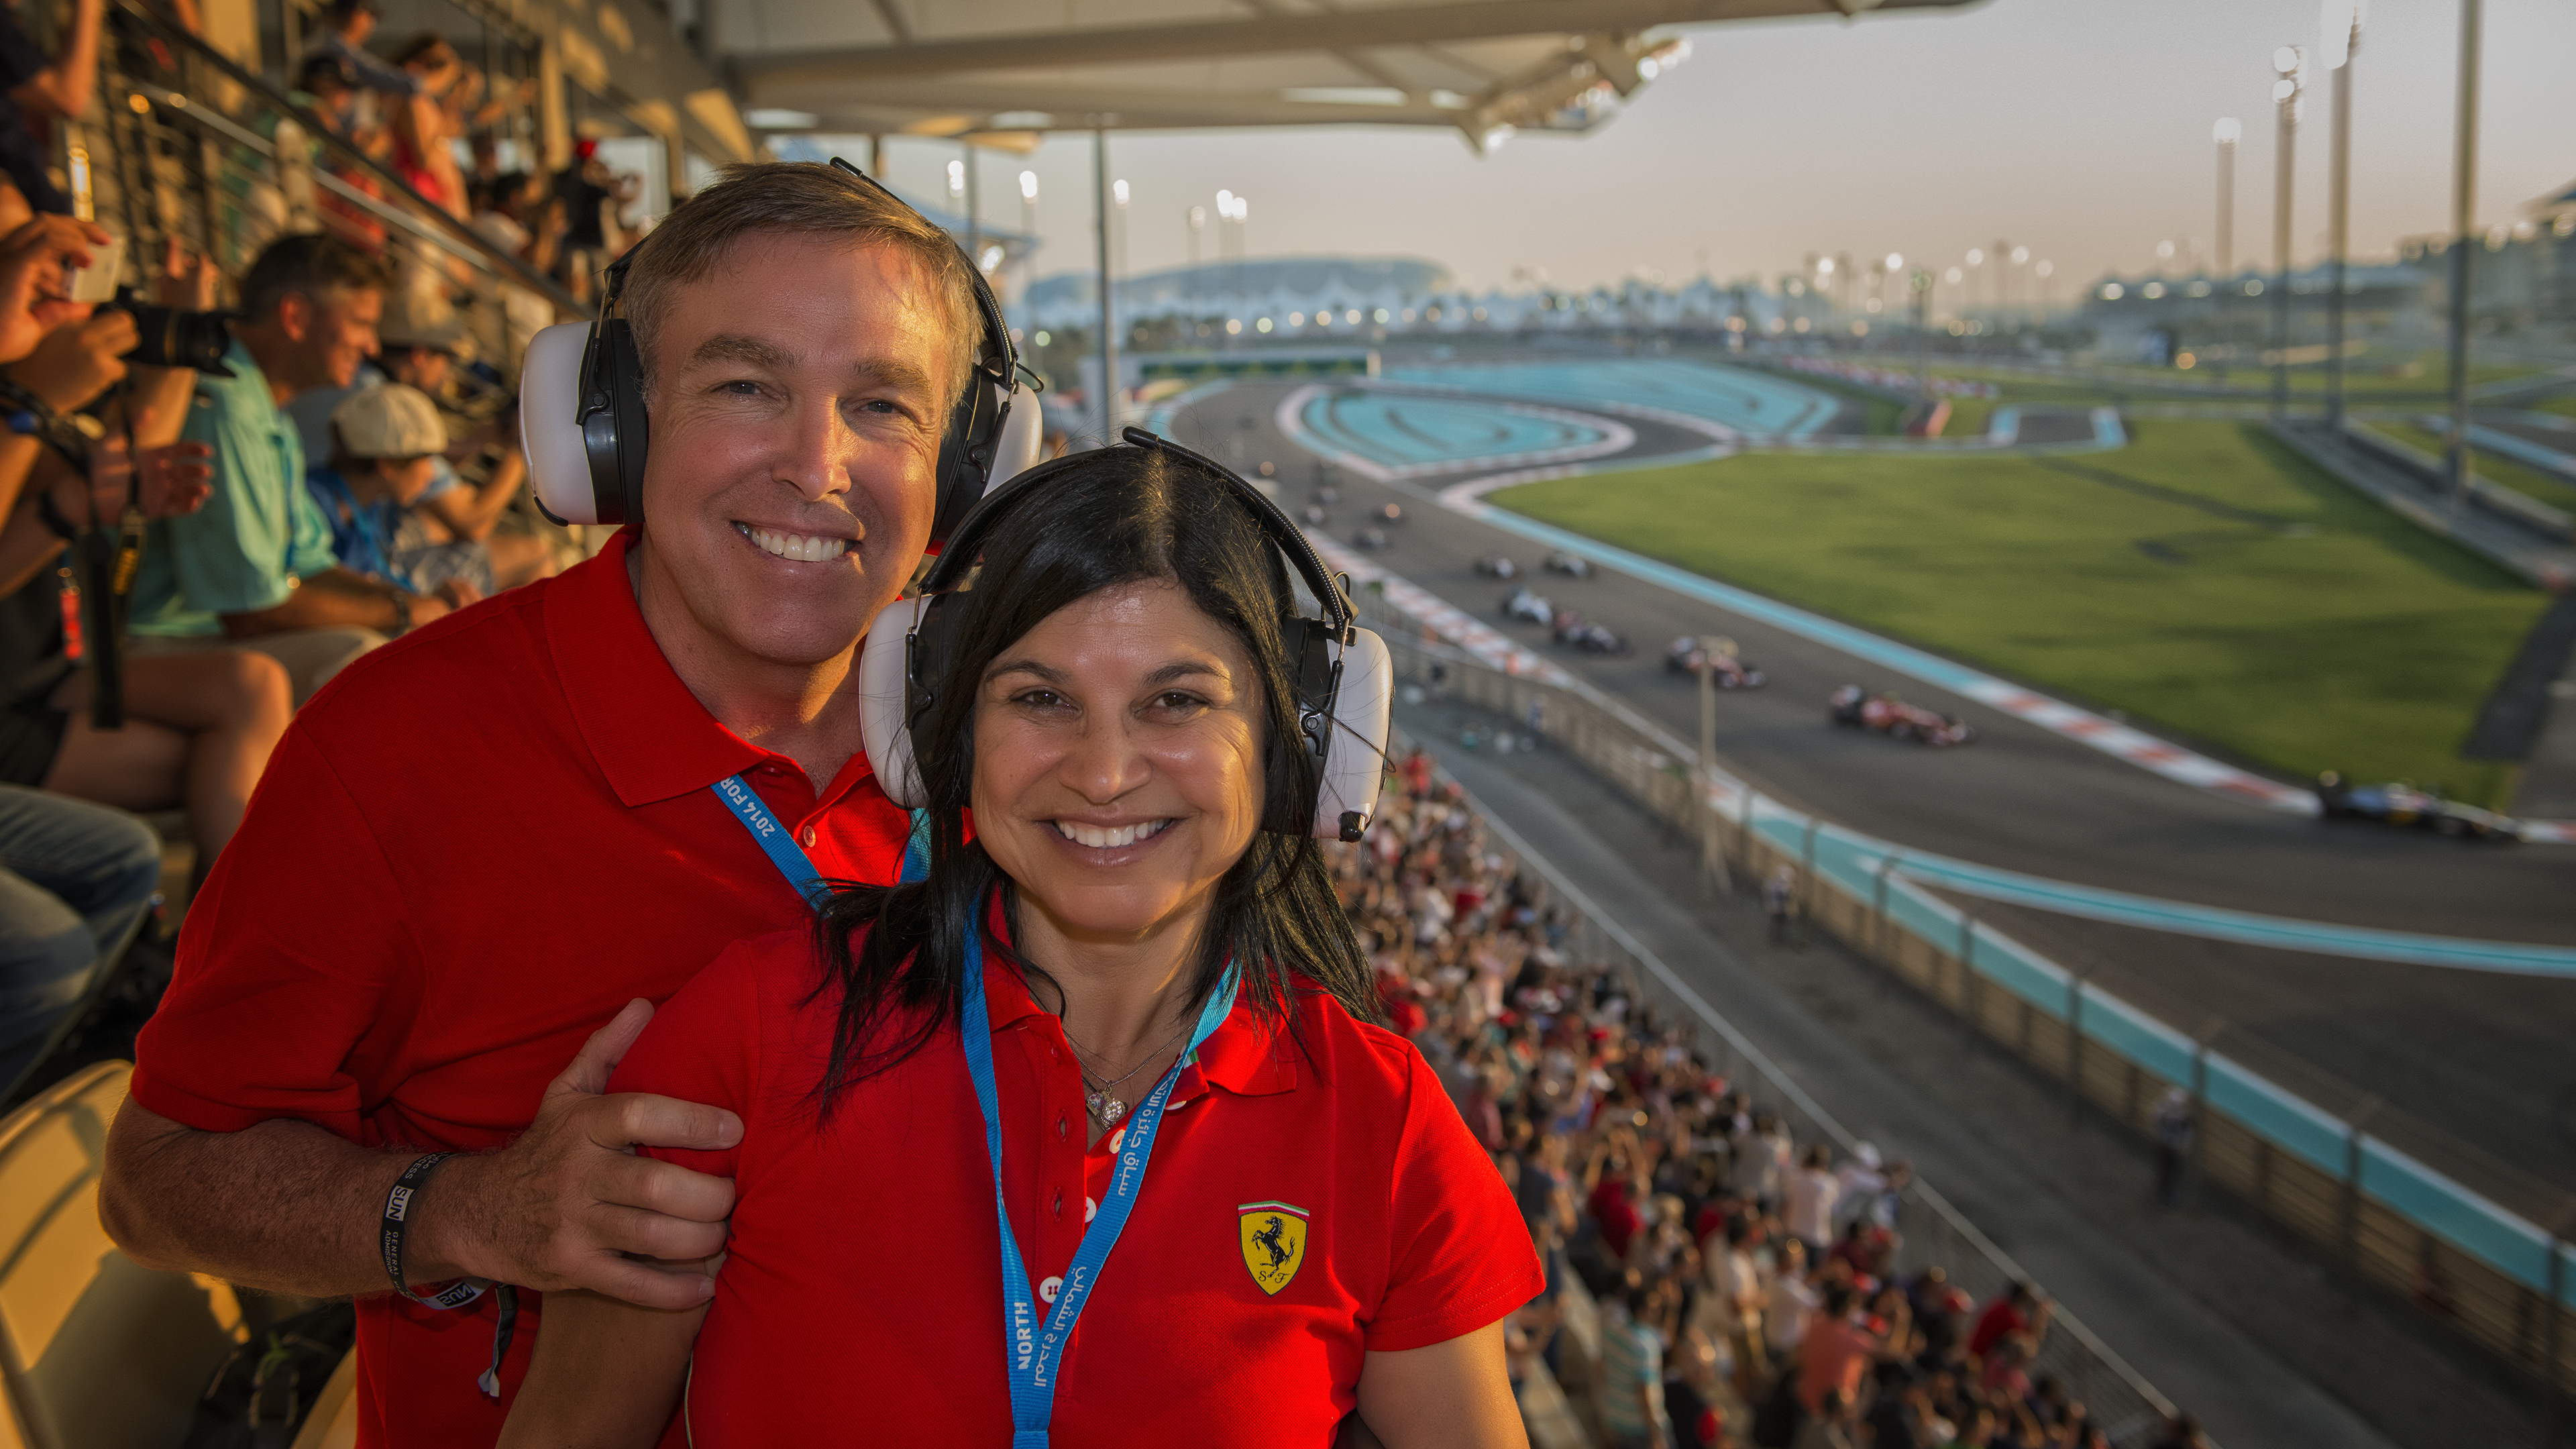 Formula 1 in Abu Dhabi